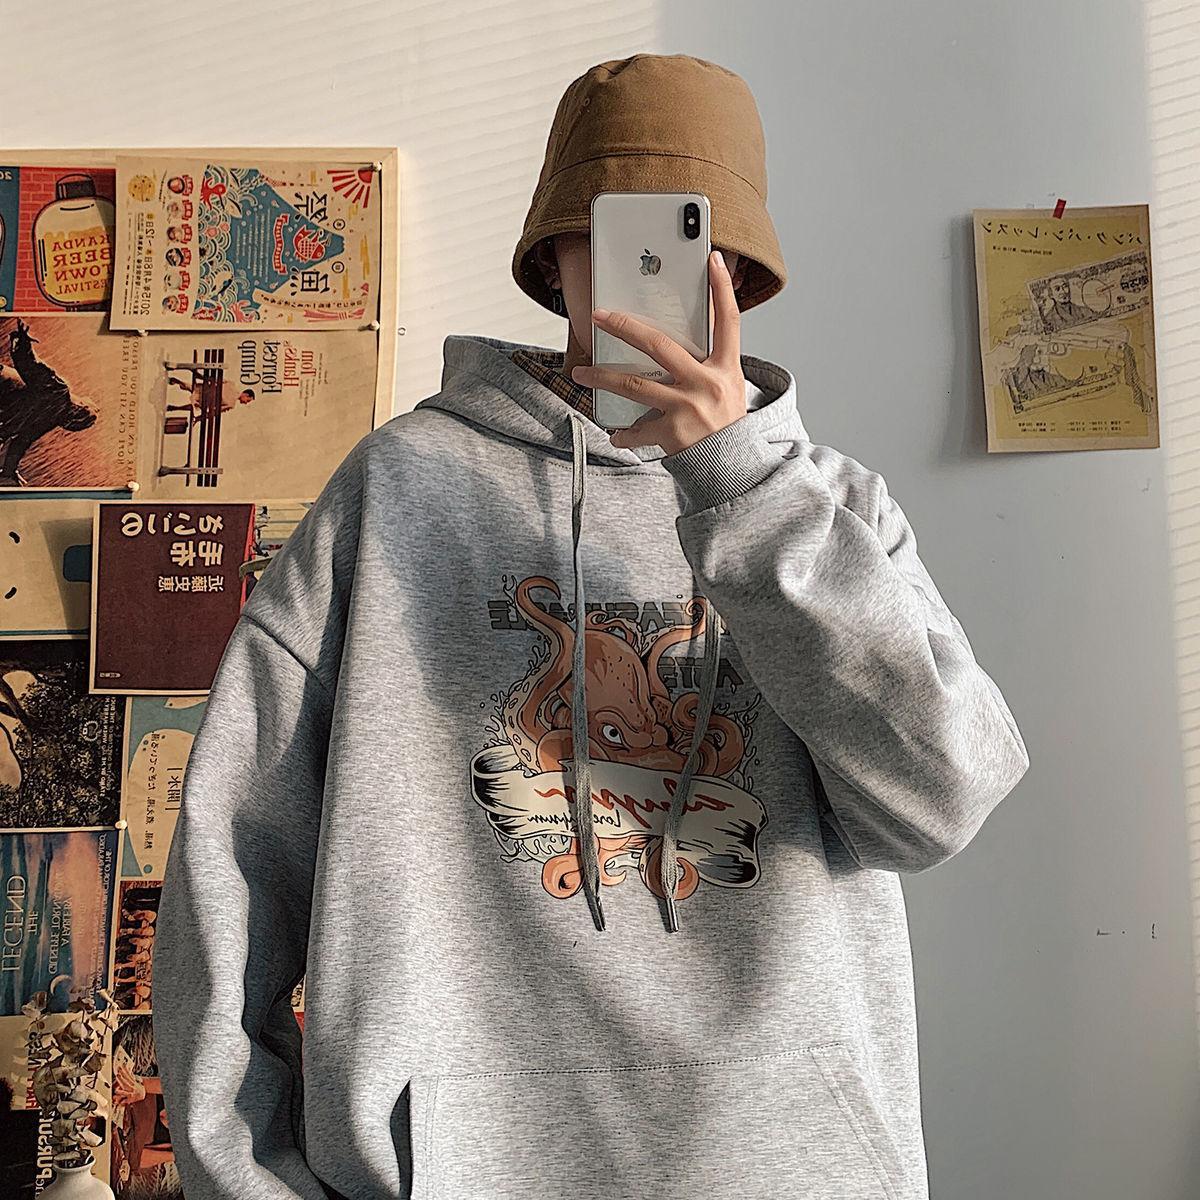 Privathinker drôle Imprimé Les Hoodies 2020 Mode Automne hommes hoodies 7 couleurs Femme Streetwear overs Casual